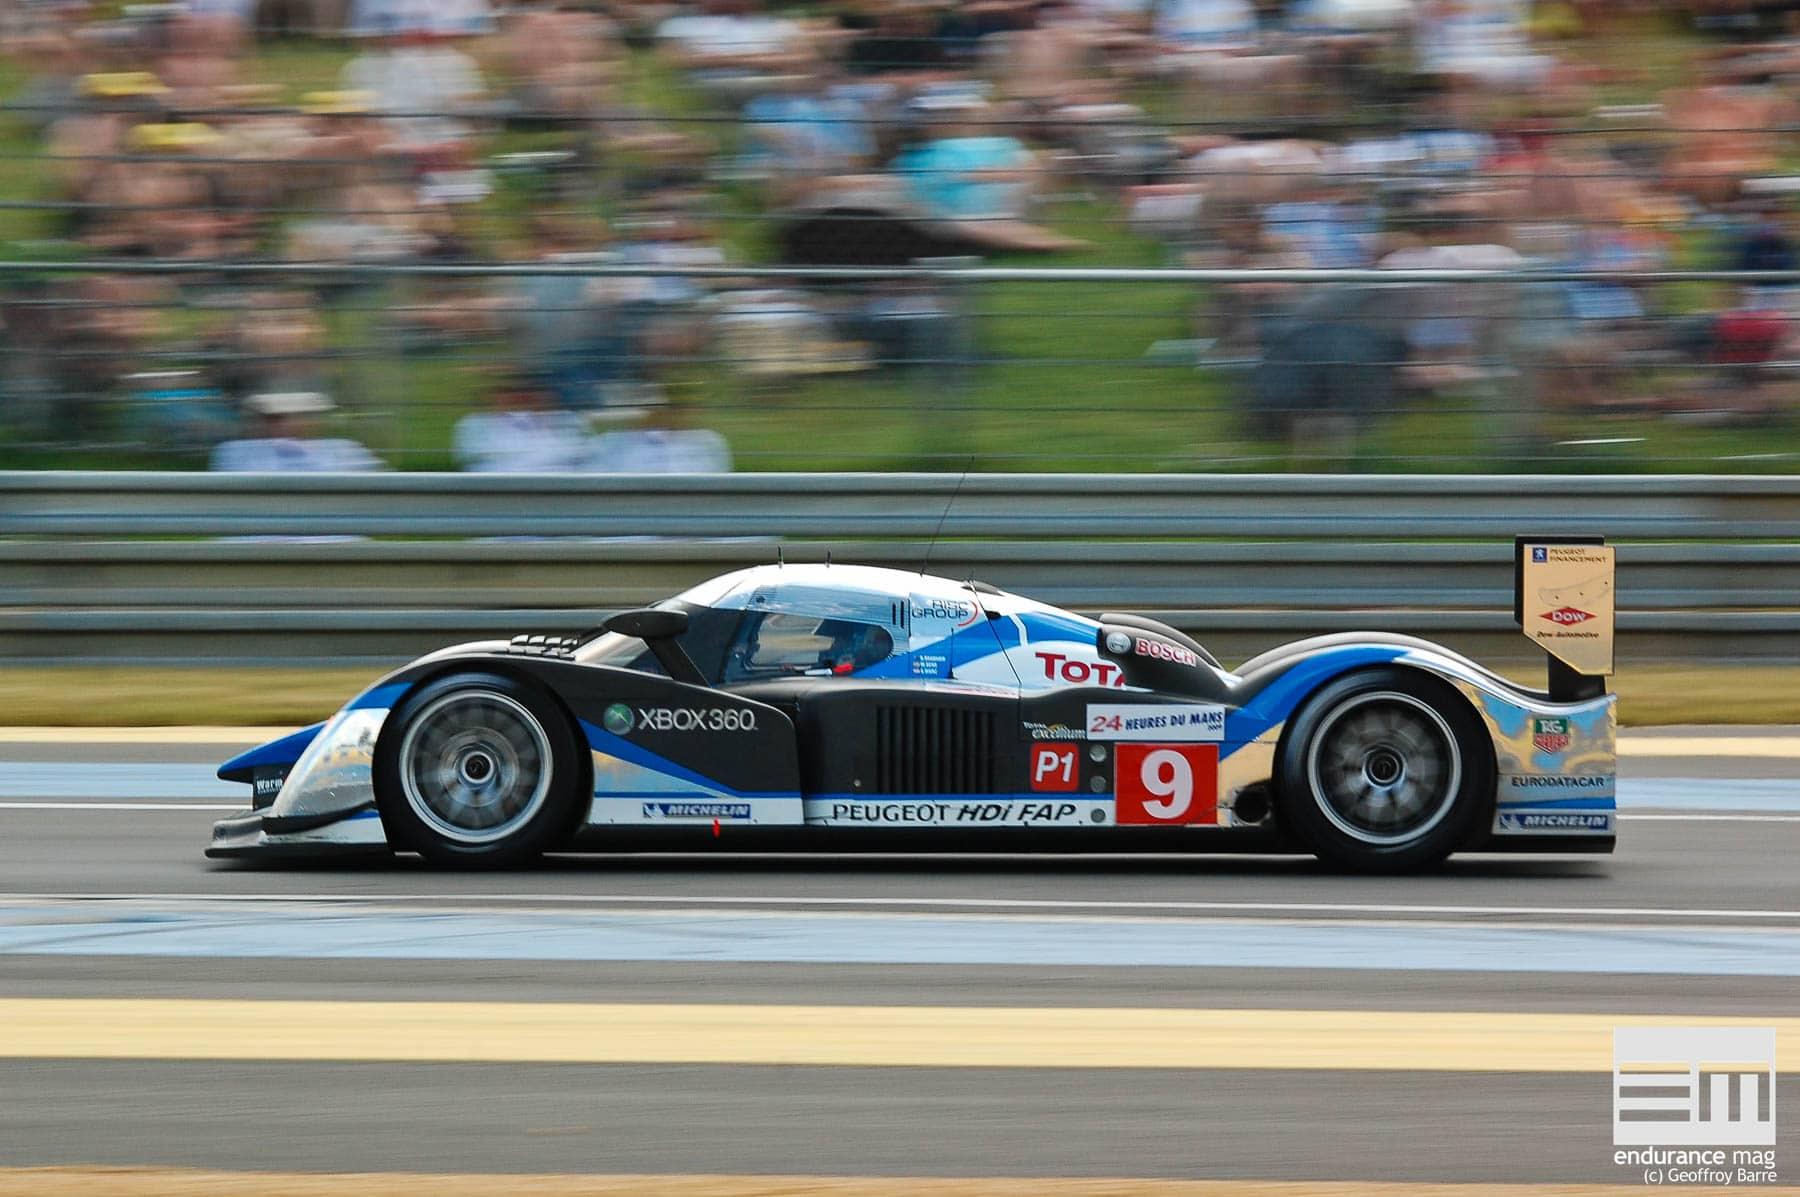 2009, quand Peugeot (re)gagnait les 24 Heures du Mans